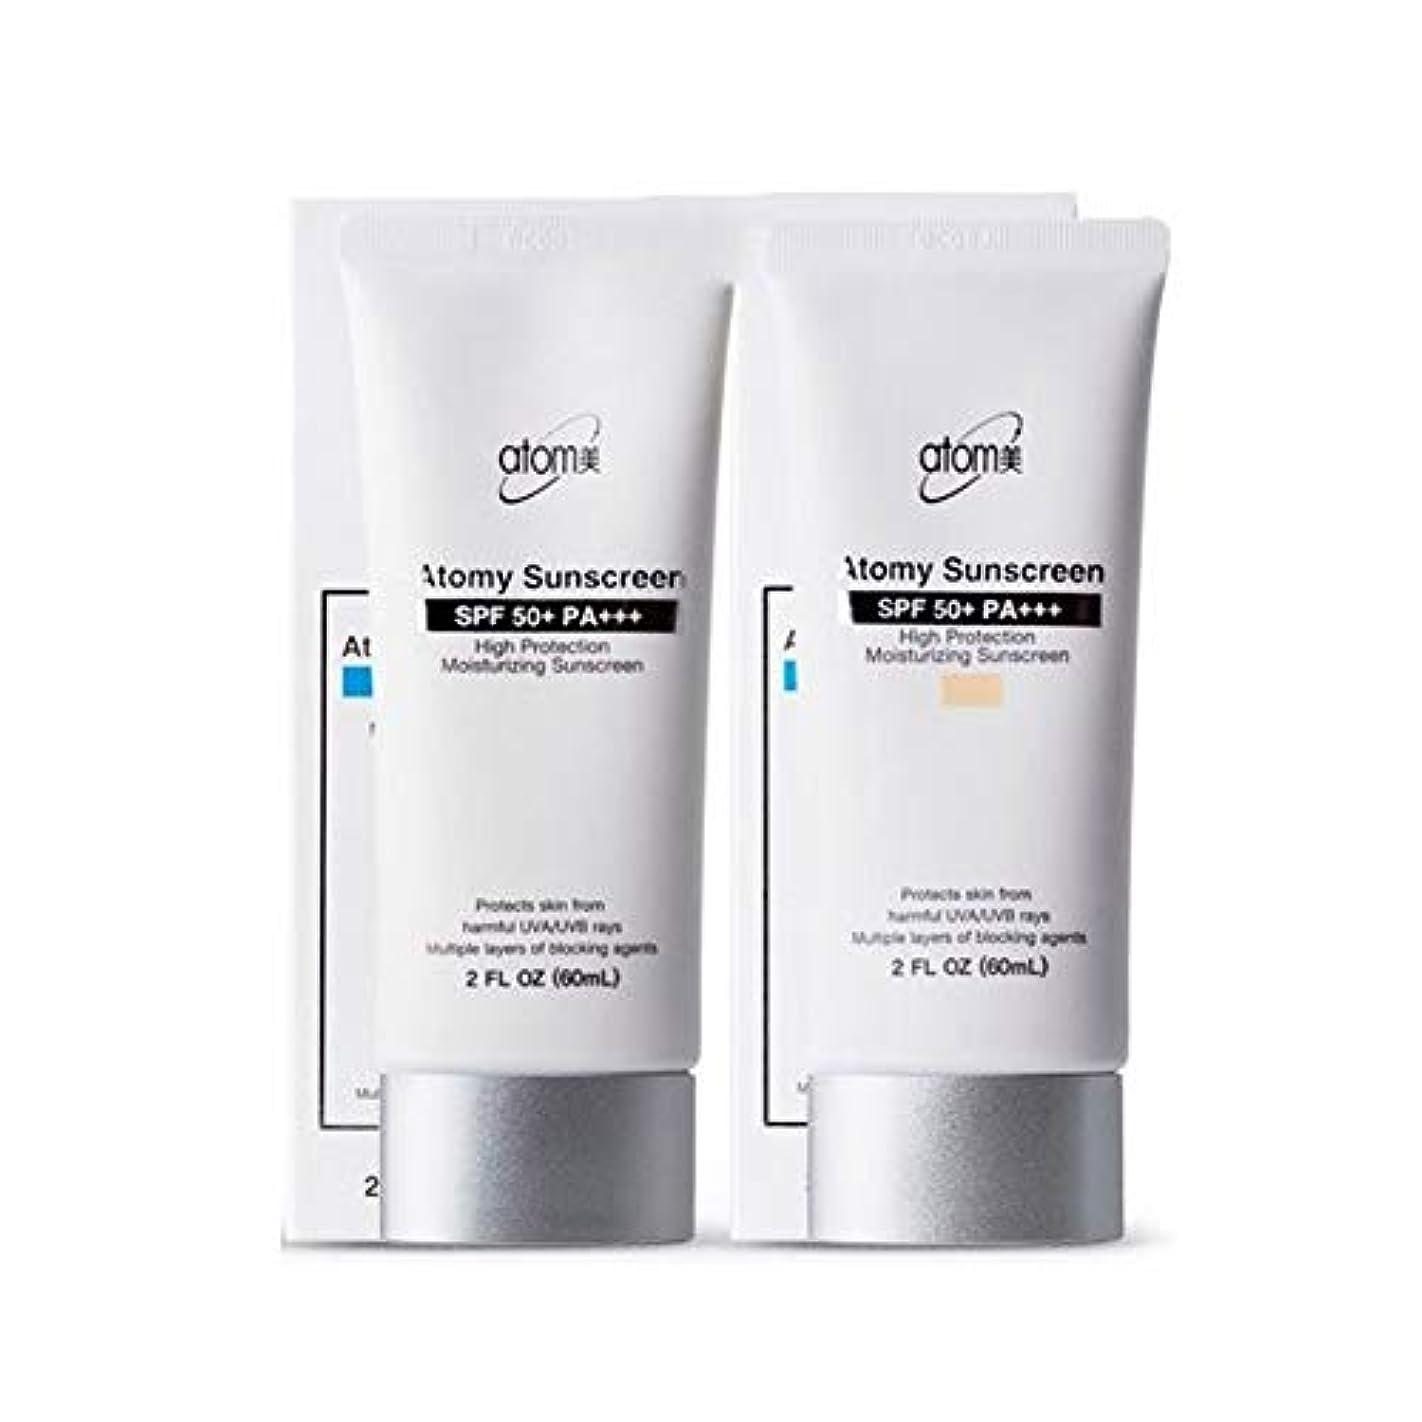 広まった気配りのある系統的アトミ(Atomy) サンクリームベージュ+ホワイト(SPF50+/PA+++)60ml、ハイプロテクション、Atomy Sun Cream Beige+White(SPF50+/PA+++)60ml、High Protection...